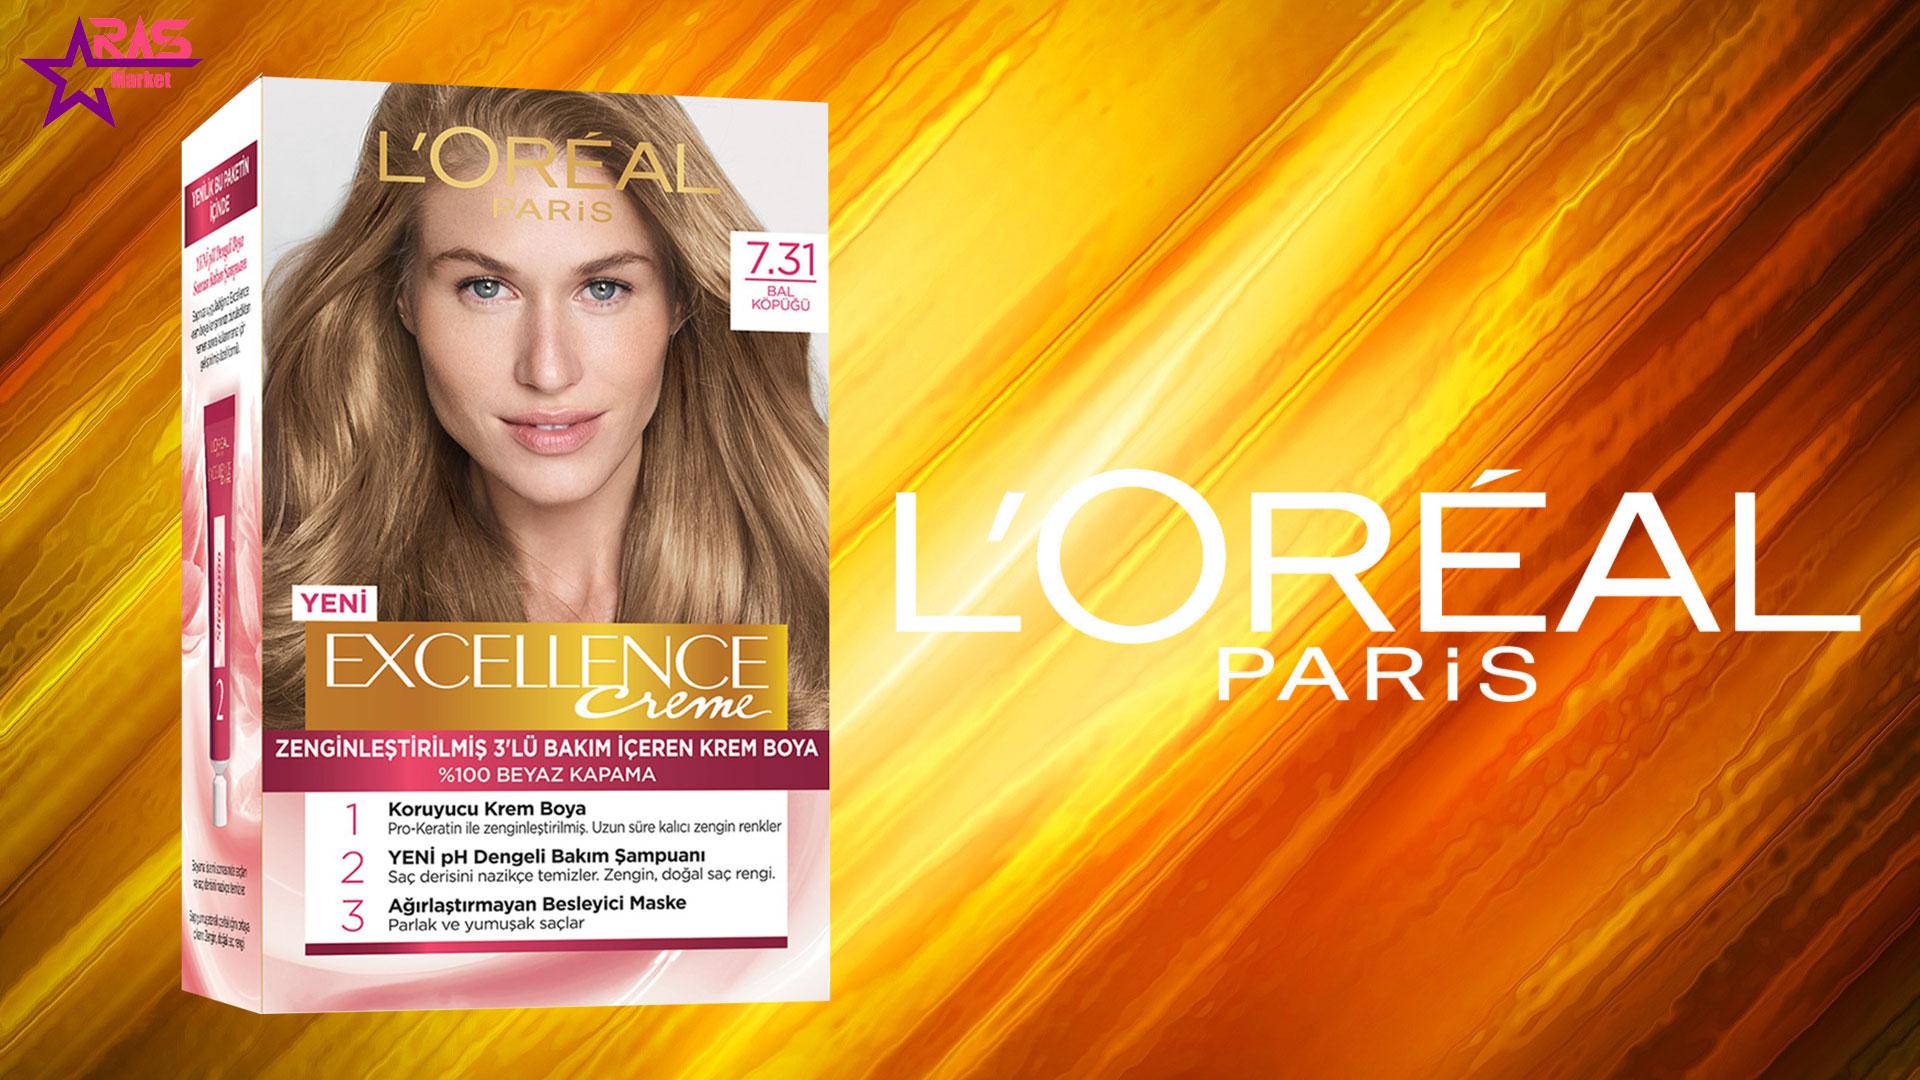 کیت رنگ مو لورآل سری Excellence شماره 7.31 ، خرید اینترنتی محصولات شوینده و بهداشتی ف بهداشت بانوان ، رنگ مو بانوان